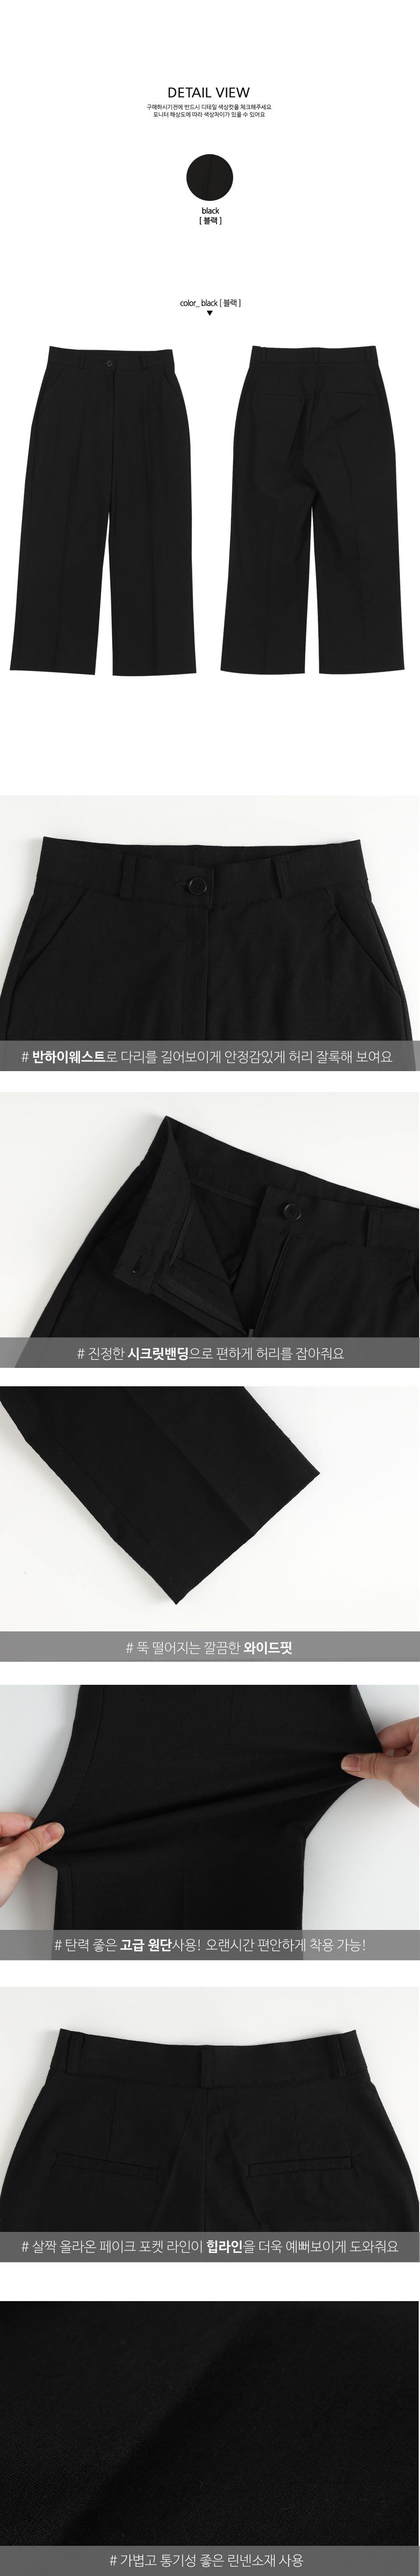 8.5 wide linen wide pants